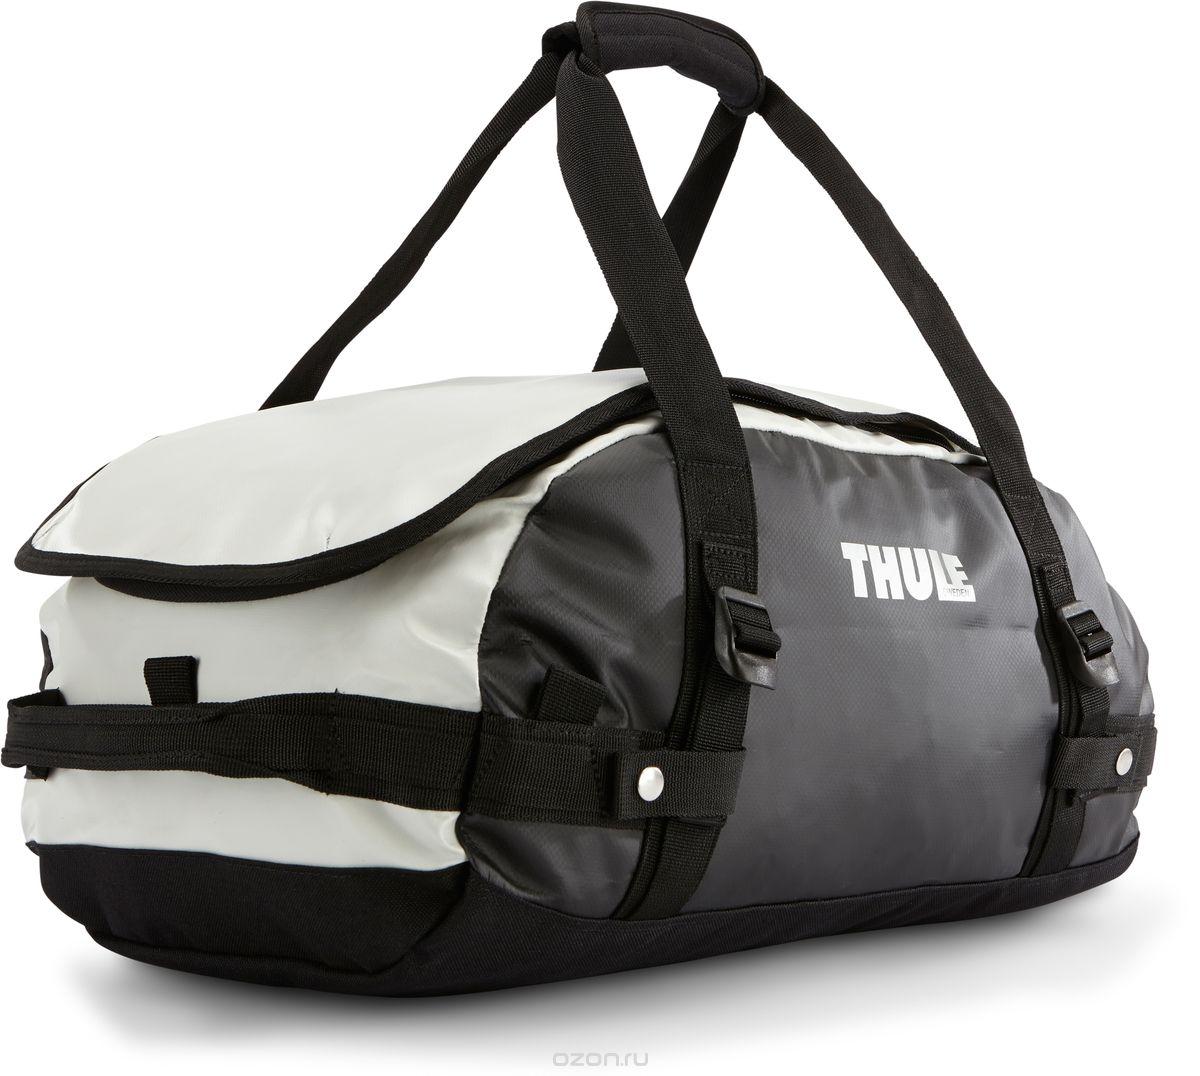 Туристическая сумка-баул Thule Chasm XS, цвет: темно-серый, белый, 27л1125040Thule Chasm X-Small - эта жесткая, устойчивая к неблагоприятным погодным условиям сумка с широко раскрывающимся основным отделением и съемными ремнями — ваш надежный спутник в любой поездке. Широко раскрывающееся отделение делает загрузку оборудования в сумку очень удобным. Боковые замки делают доступ к основному отделению удобным с любого угла Ремни складываются вдоль боковых сторон сумки. Ремни быстро превращают рюкзак в сумку. Прочная водонепроницаемая брезентовая ткань для удобной укладки вещей, которая легко складывается для хранения. Внутренние сетчатые карманы сохранят ваши вещи в порядке. Внешние фиксирующие ремни предотвращают содержимое сумки от падения на дно, когда она используется как рюкзак. Уплотненная нижняя часть сумки обеспечивает мягкое соприкосновение с землей. Блокировка застежки-молнии для защиты от воров (замок продается отдельно). Внешний сетчатый карман для небольших предметов. Размер сумки: 47 x 29 x 24 см.